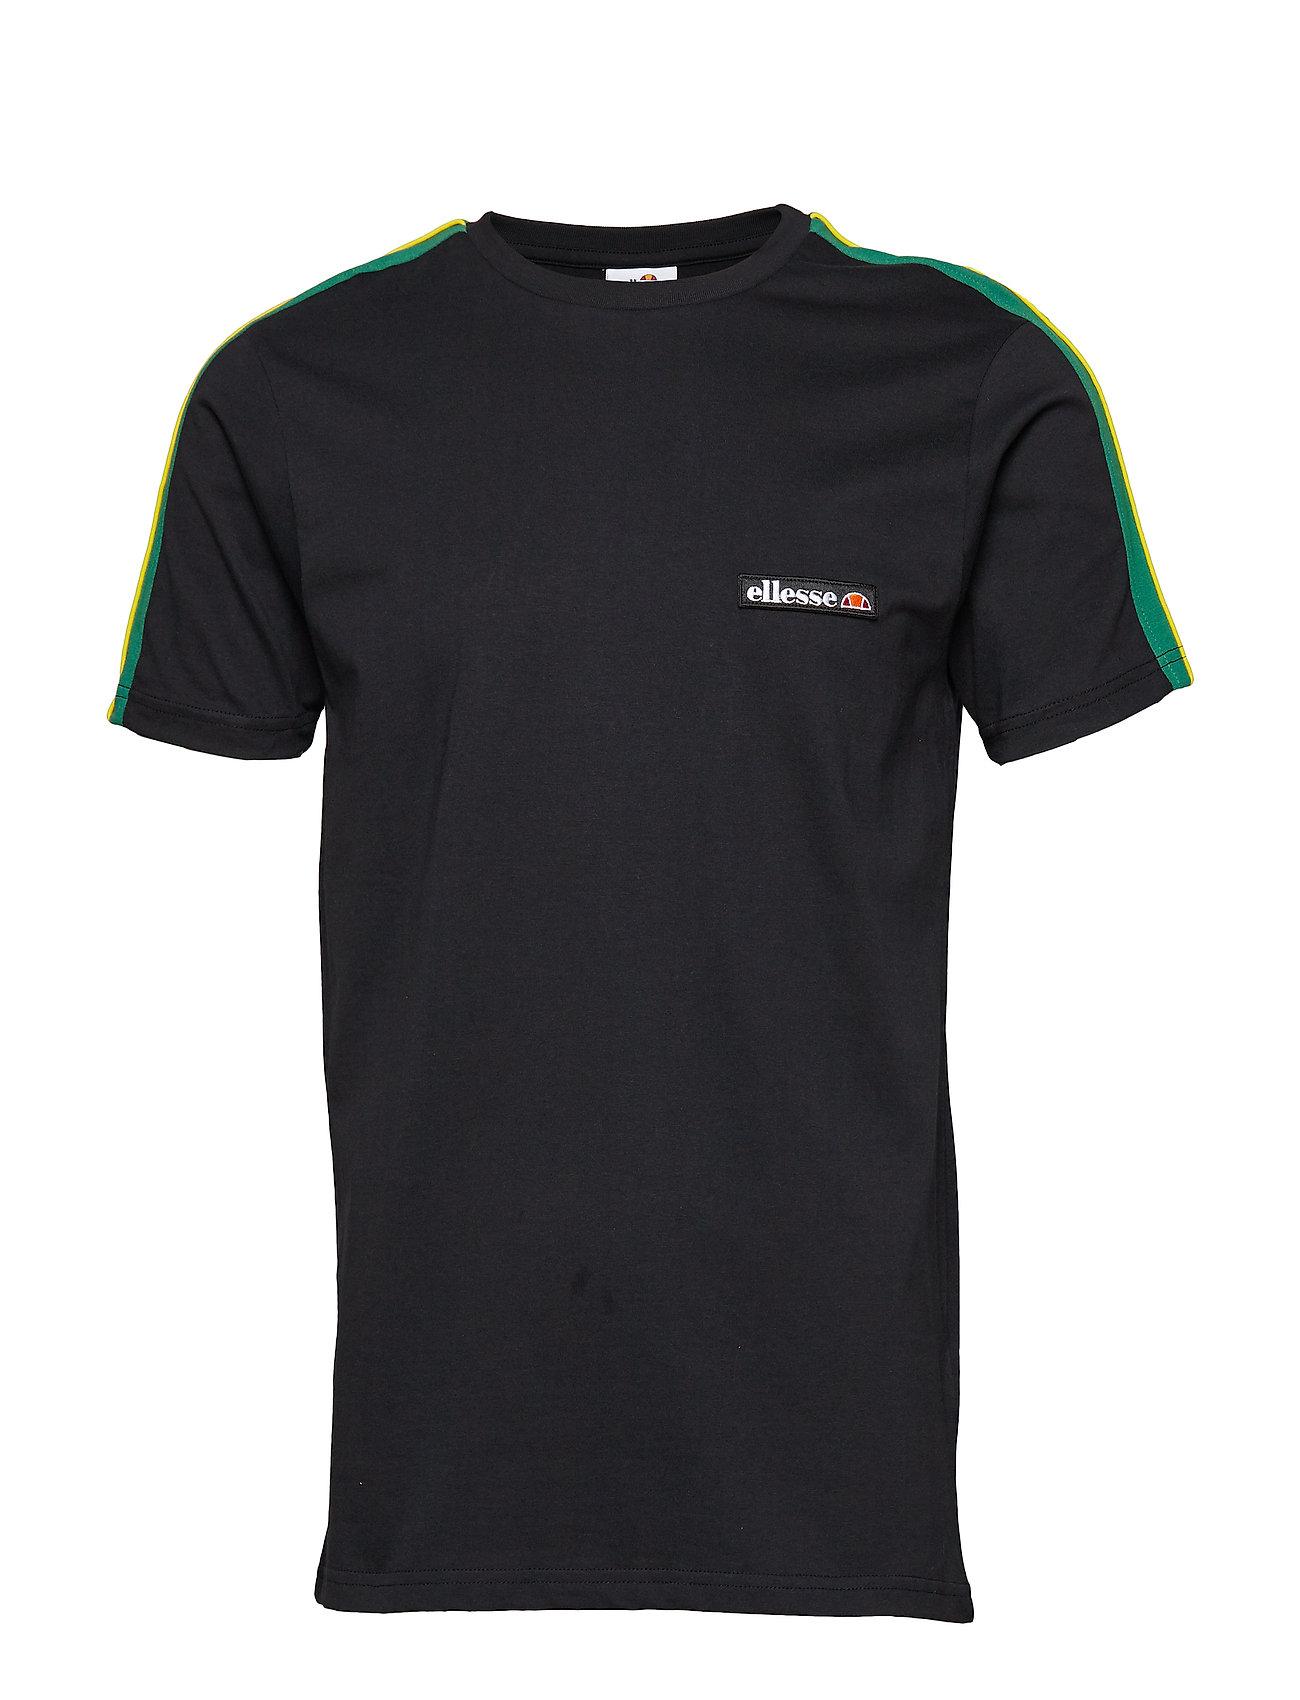 Køb Ellesse Fede T shirt til Herre i Hvid | SPORTMASTER